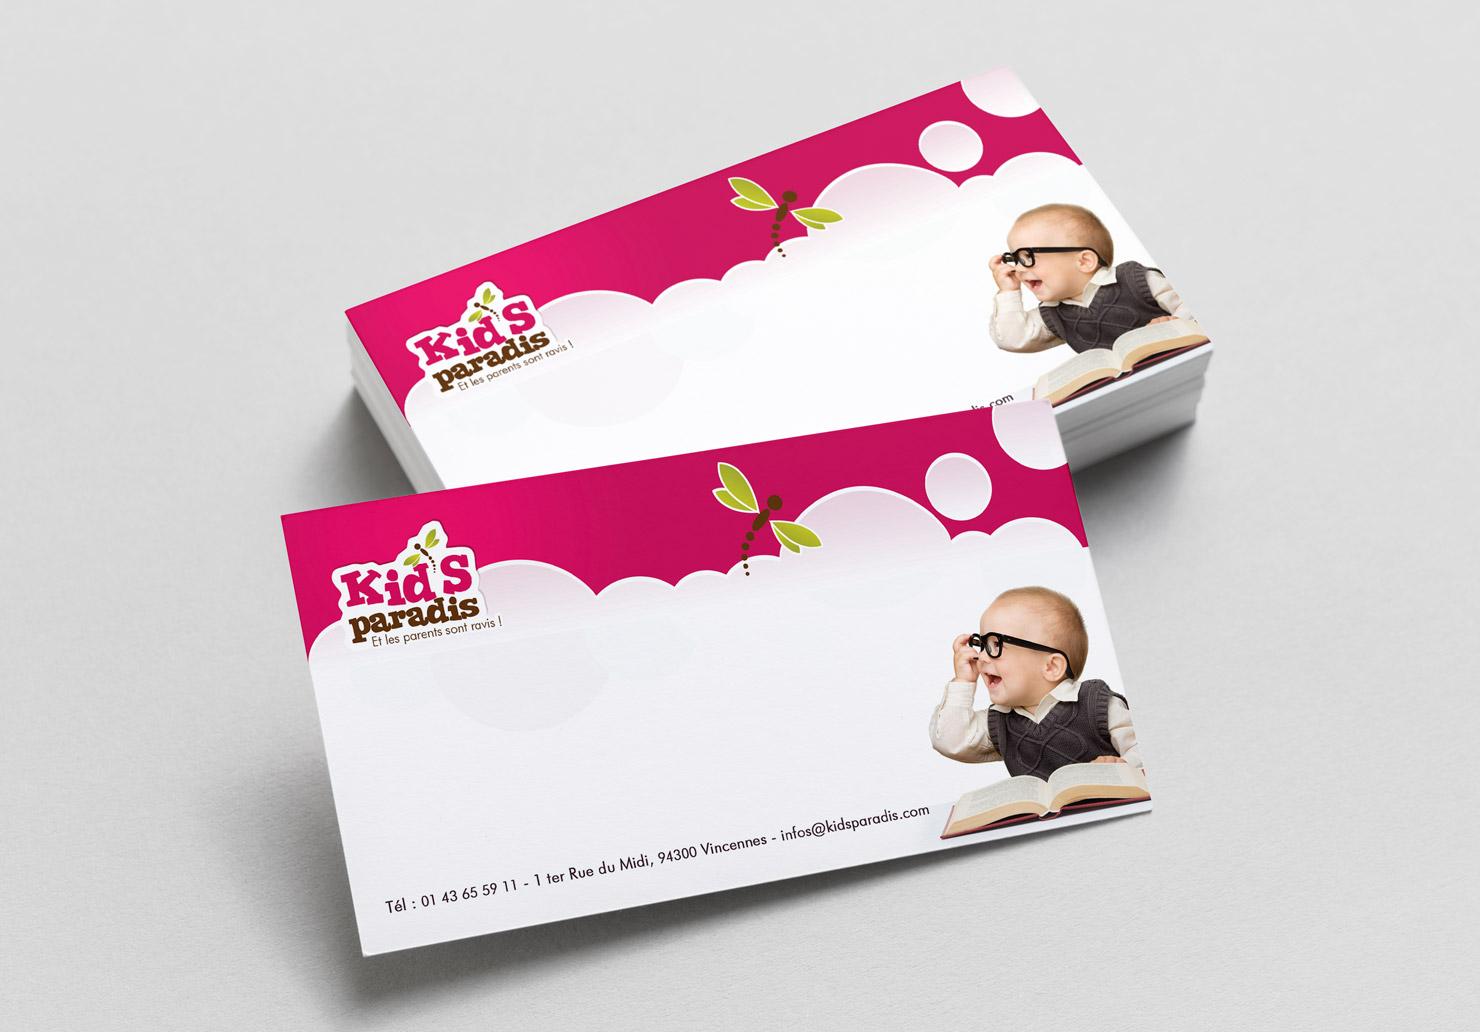 Carte de correspondance Kid's Paradis - Création de carte de correspondance par Emilie Le Béhérec Prima, Graphiste freelance dans le domaine de l'enfance